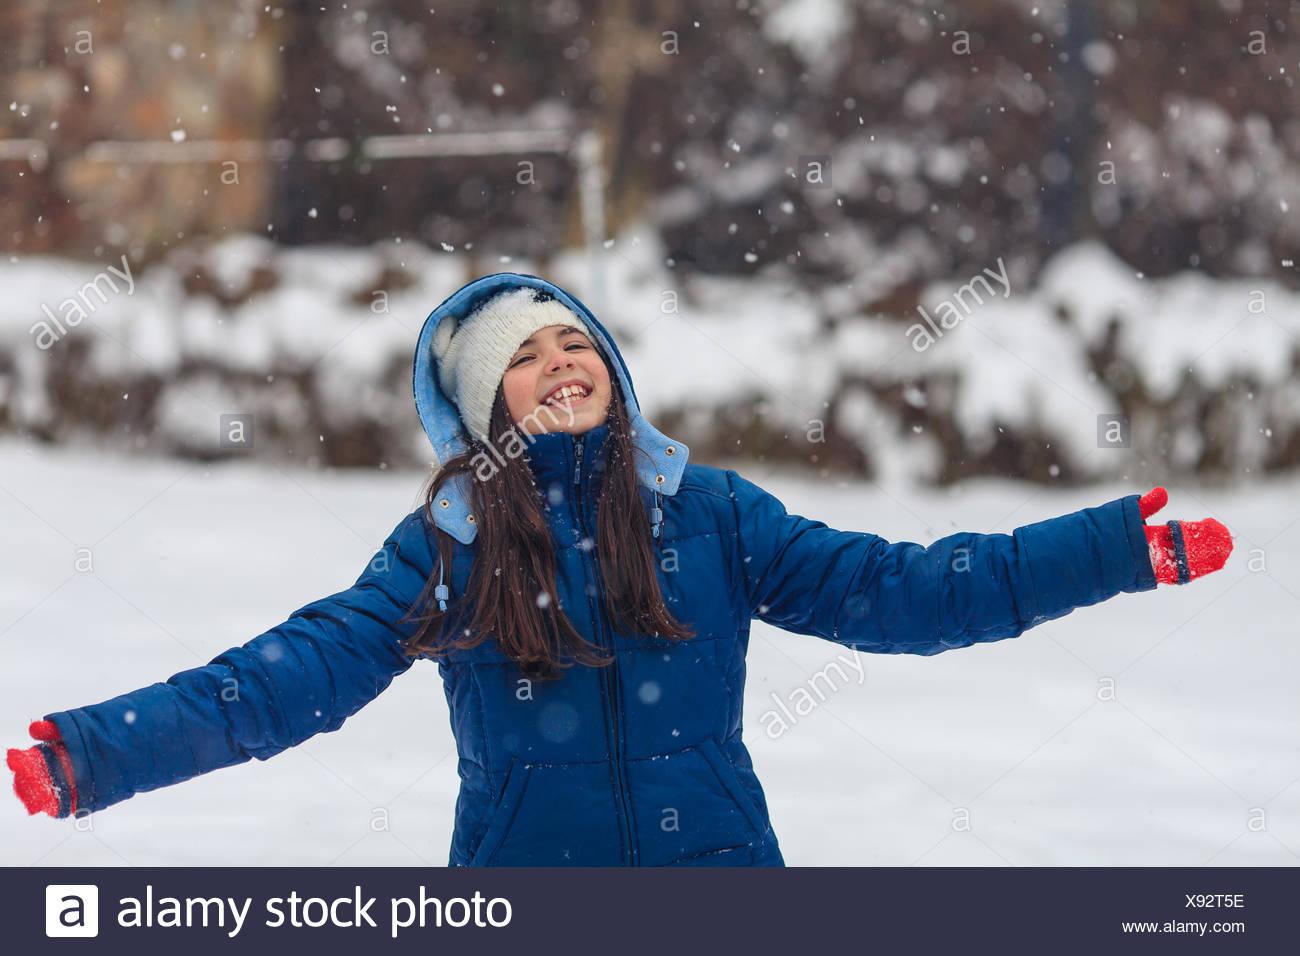 Fille avec les bras tendus dans la neige Photo Stock